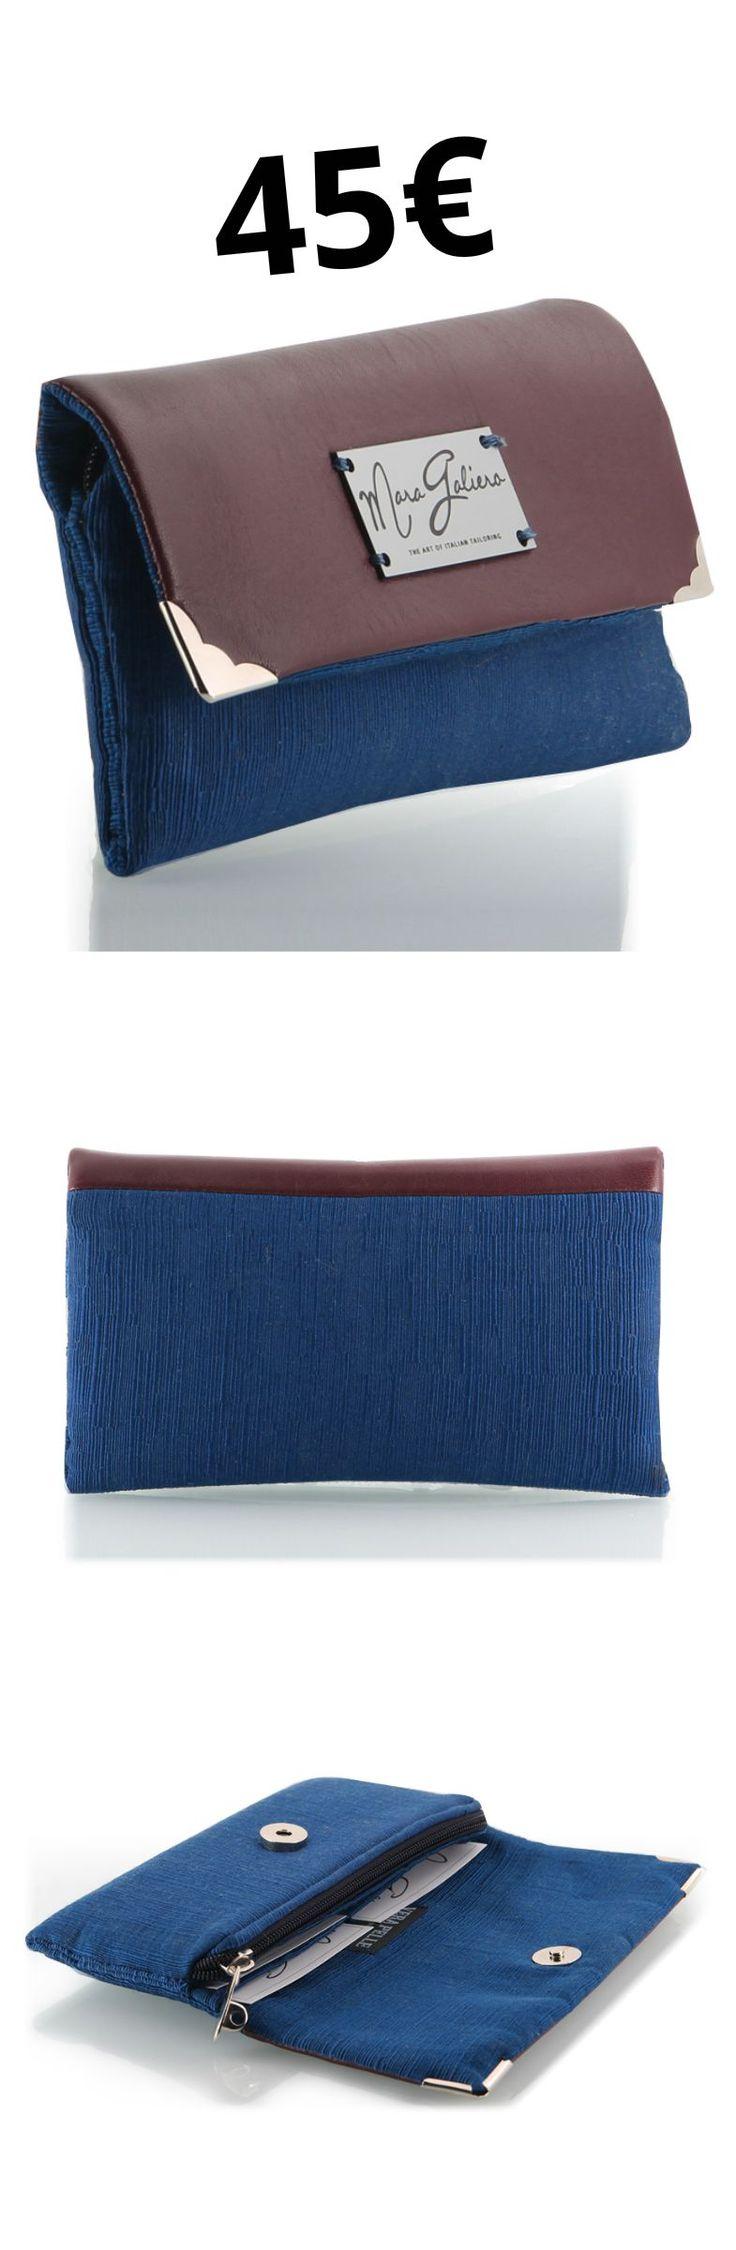 #italianStyle #wearItalian #madeinitaly Portafogli in pelle e cotone rasato o lana. Dotato di zip porta monete e divisore per documenti. Il colore blu è cotone rasato mentre il colore nero è lana. Angolari in nickel. Dimensioni: 20×11 cm